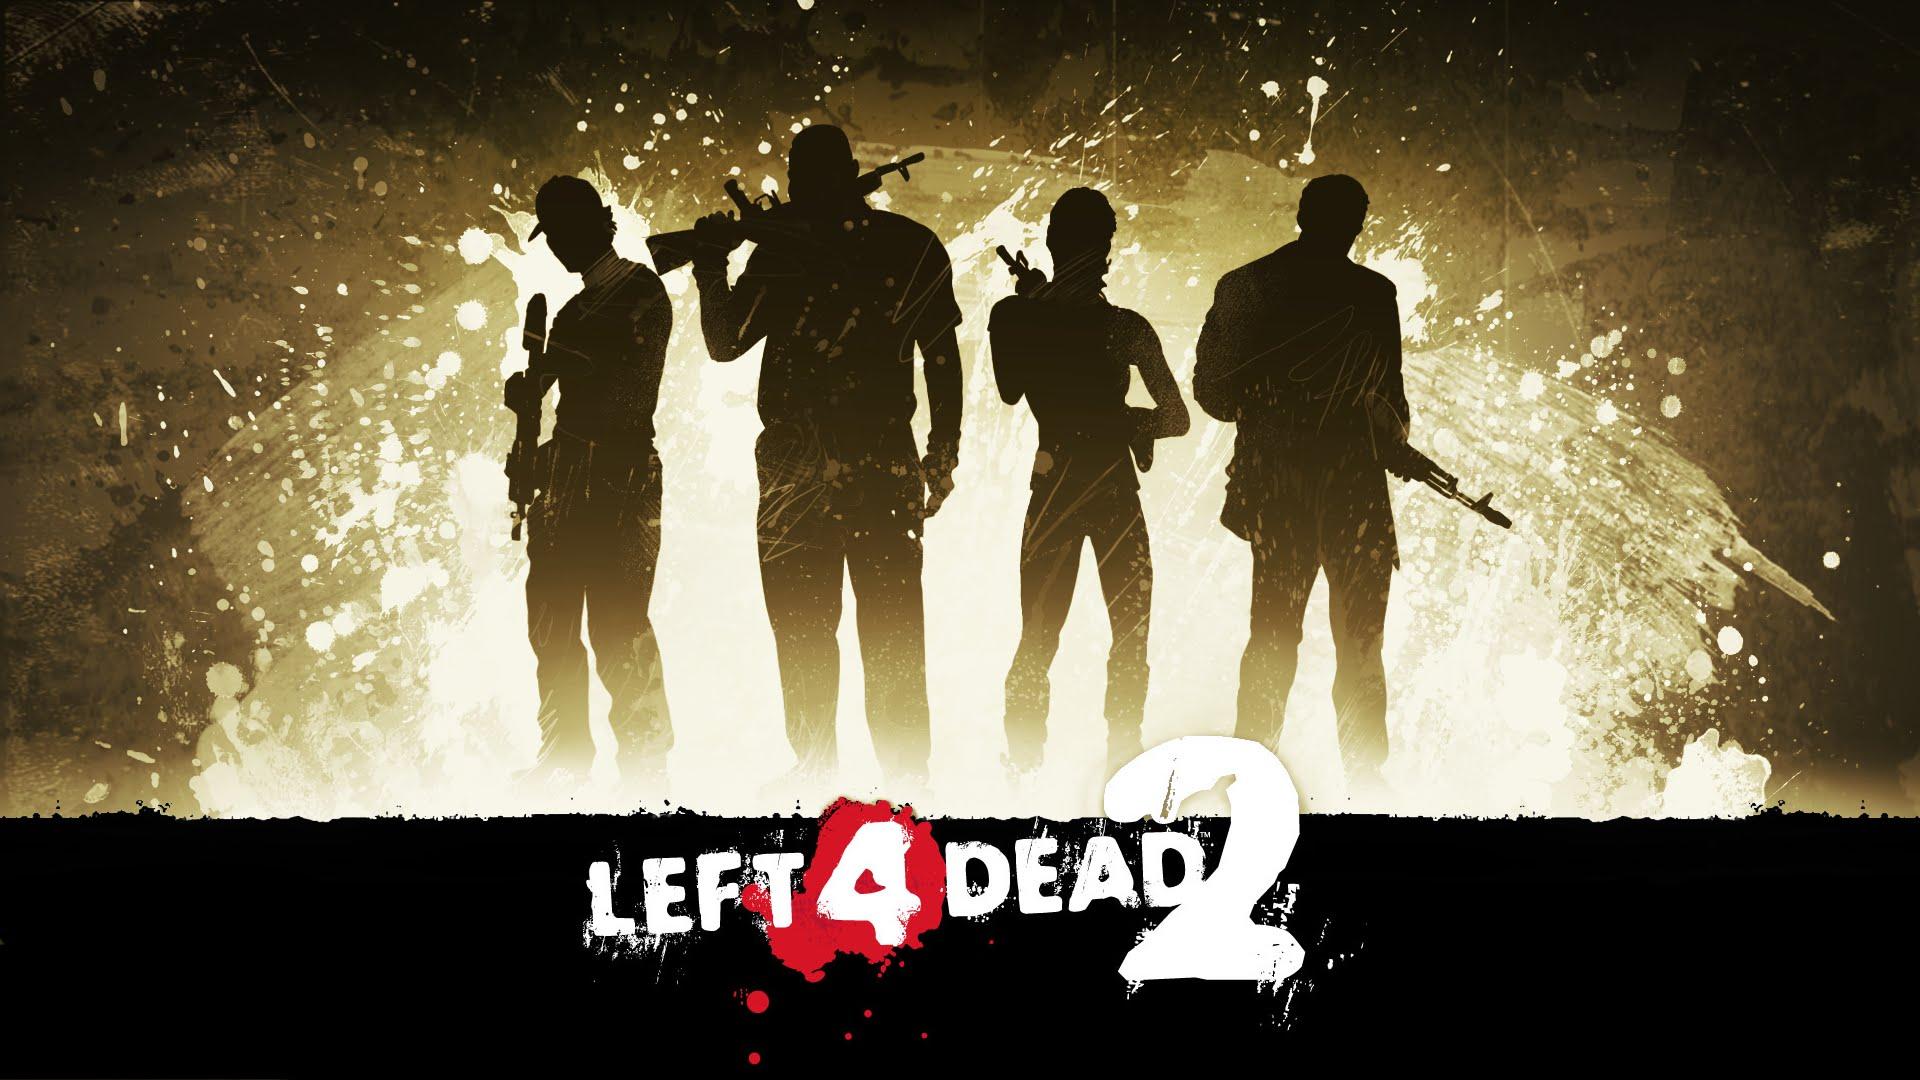 12. Номинация «Друг познается в игре» - Left 4 Dead 2.